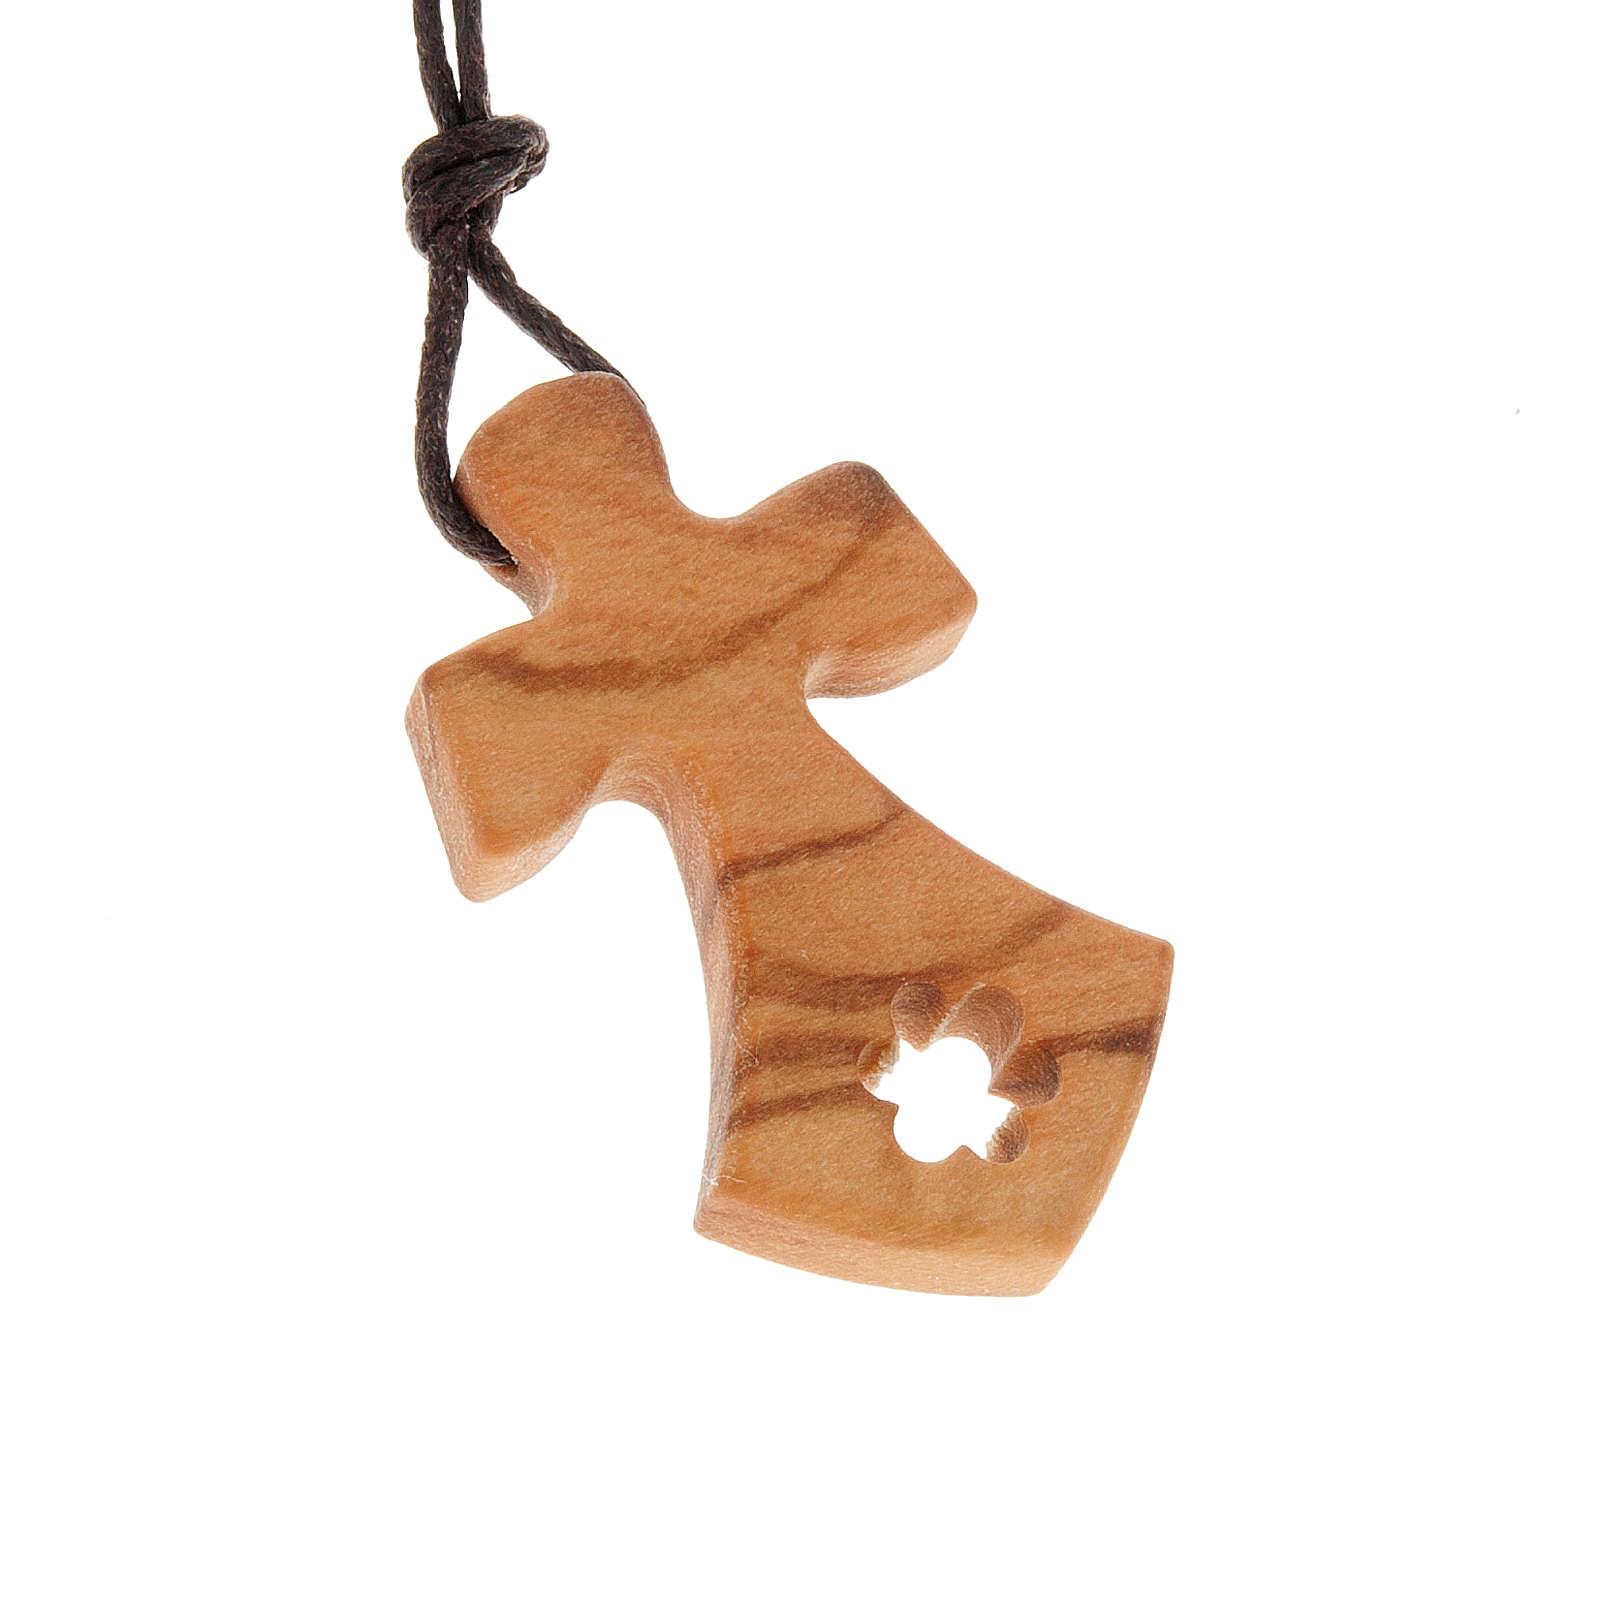 Croce dei Carmelitani legno olivo 4